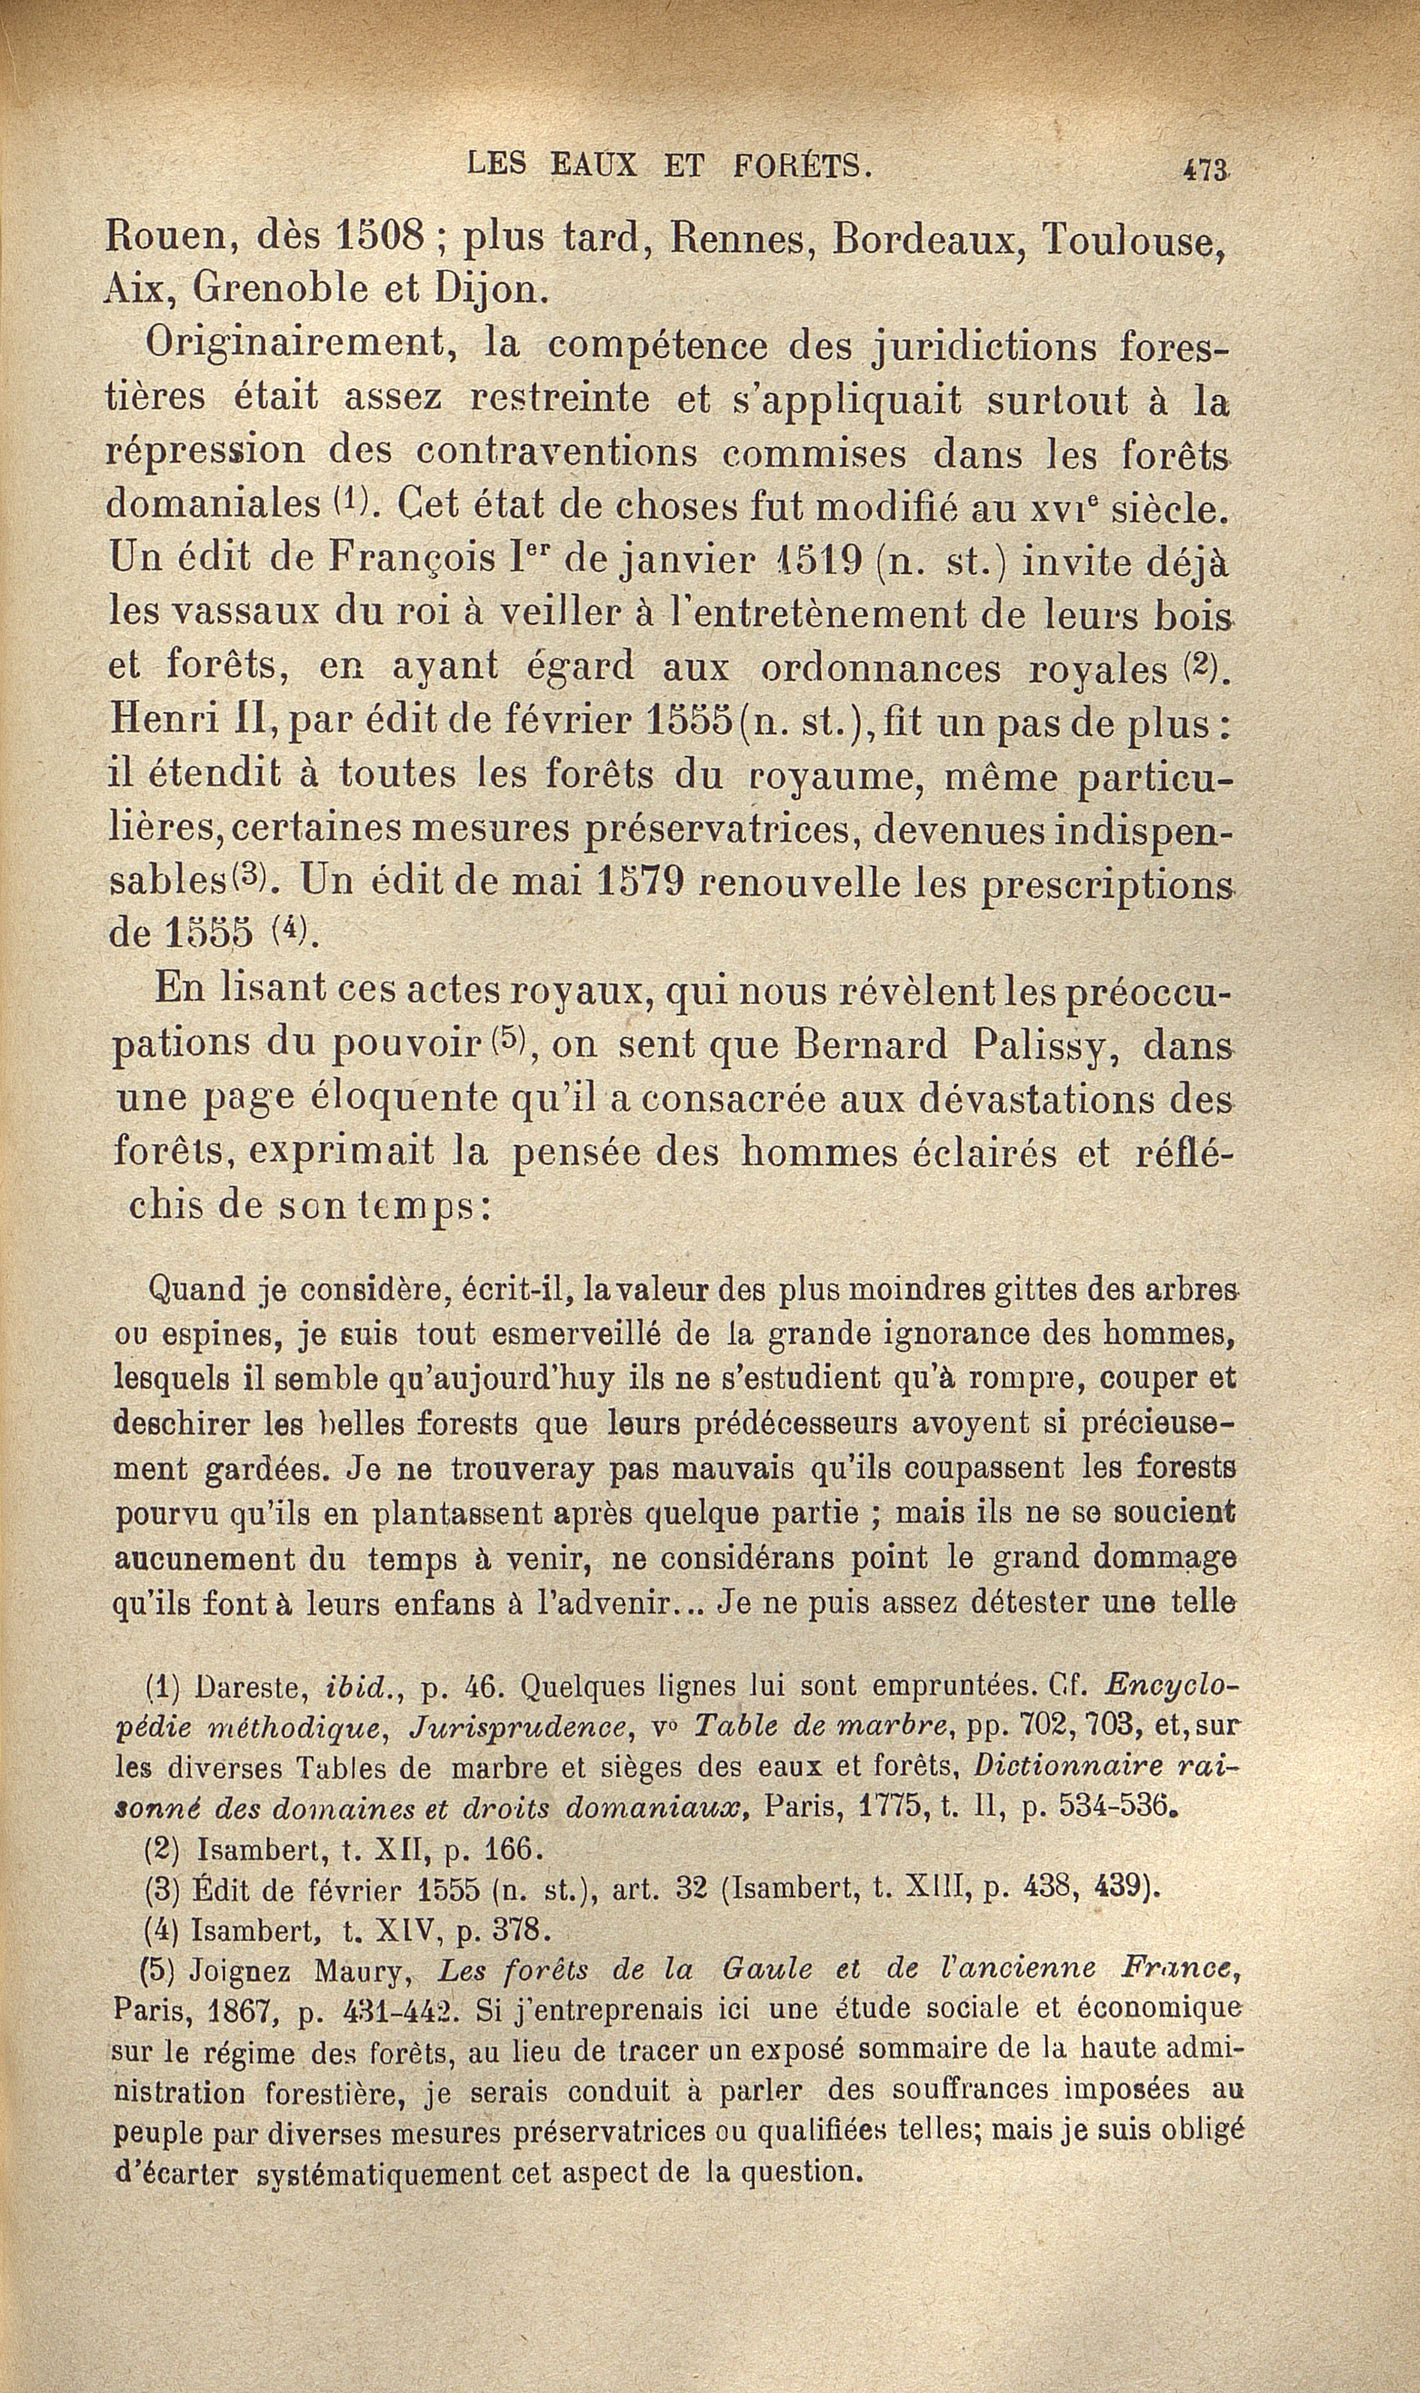 http://expo-paulviollet.univ-paris1.fr/wp-content/uploads/2016/02/0605381272_0487.jpg